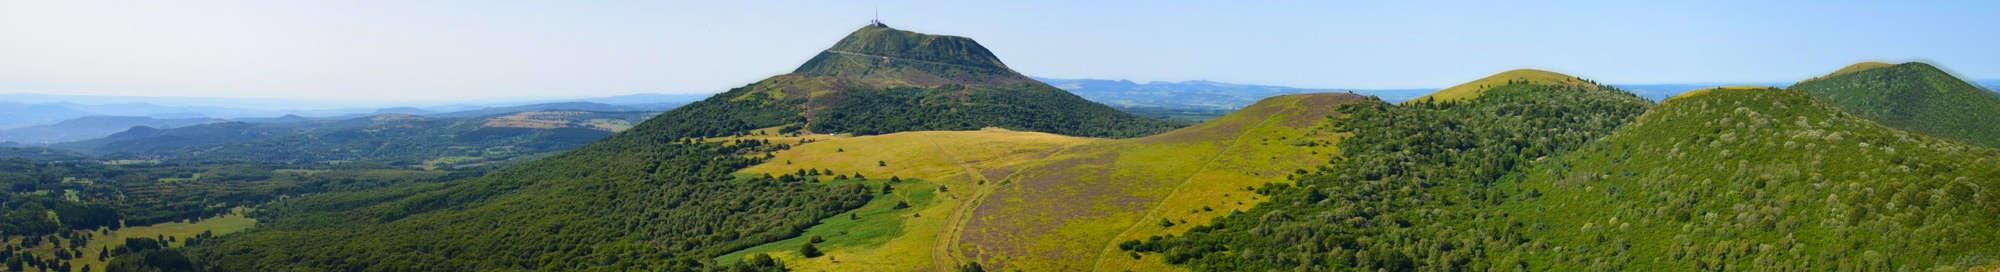 Week-end et séjour en Auvergne